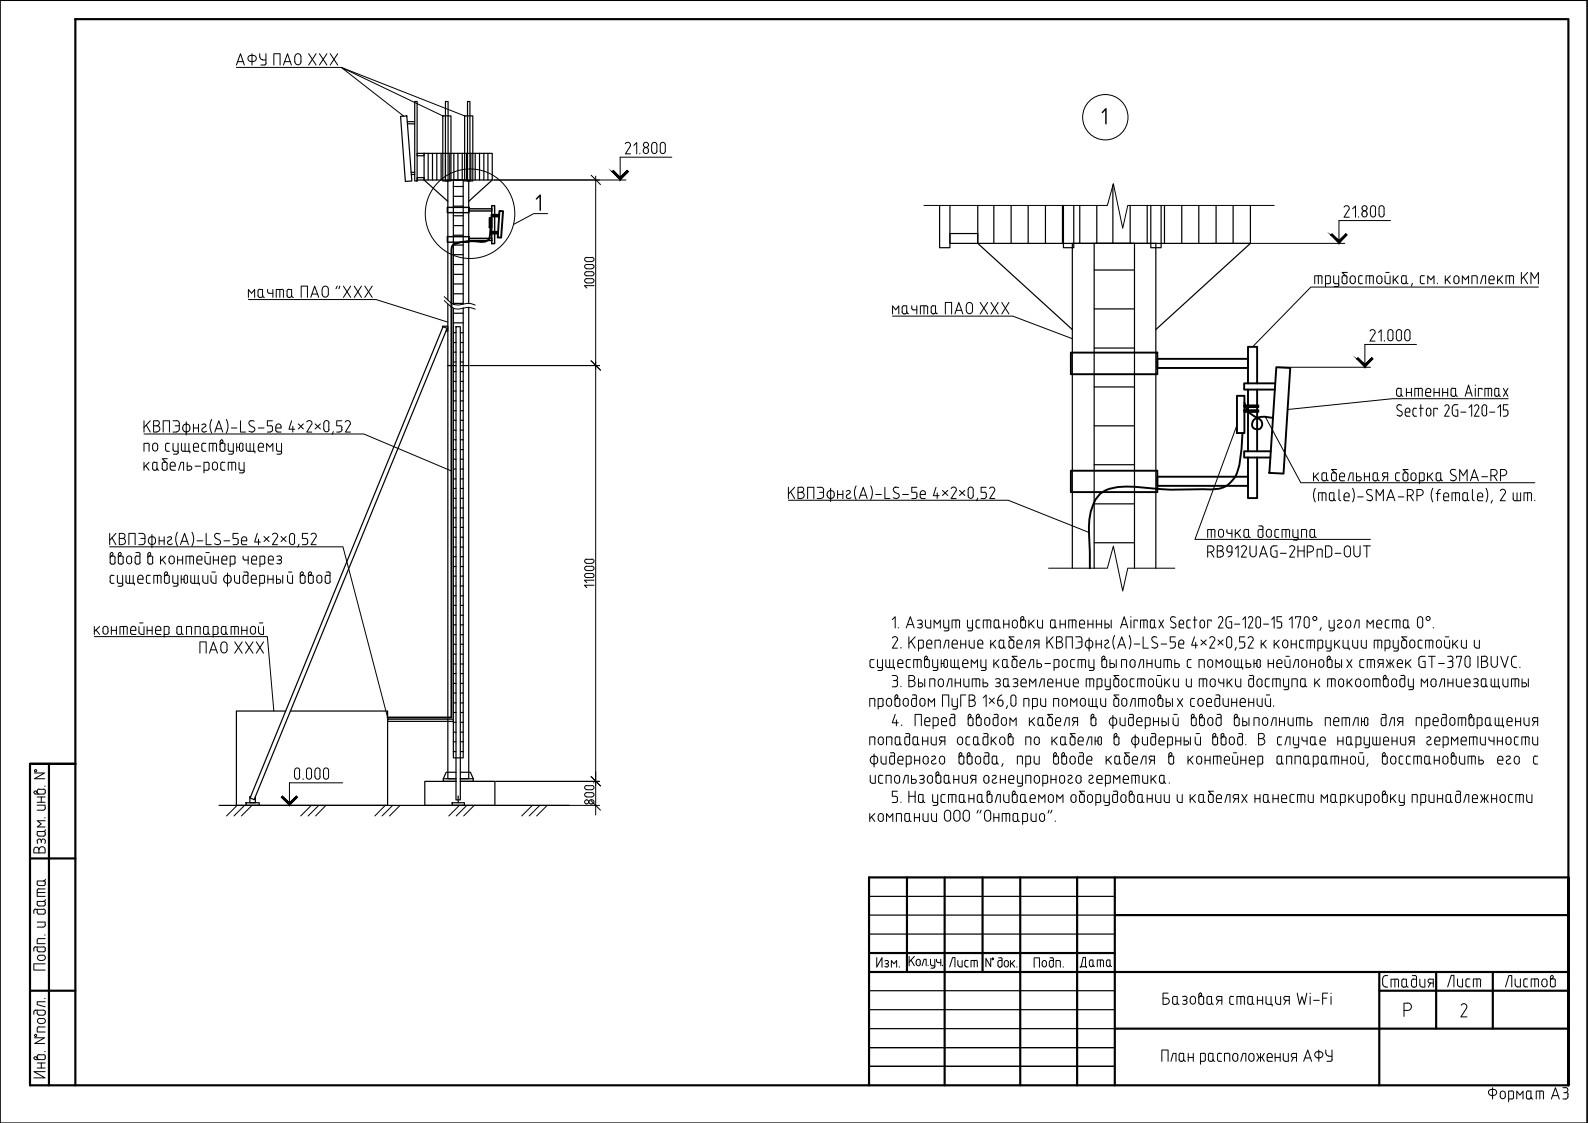 План расположения АФУ БШД (Wi-Fi) на мачте связи